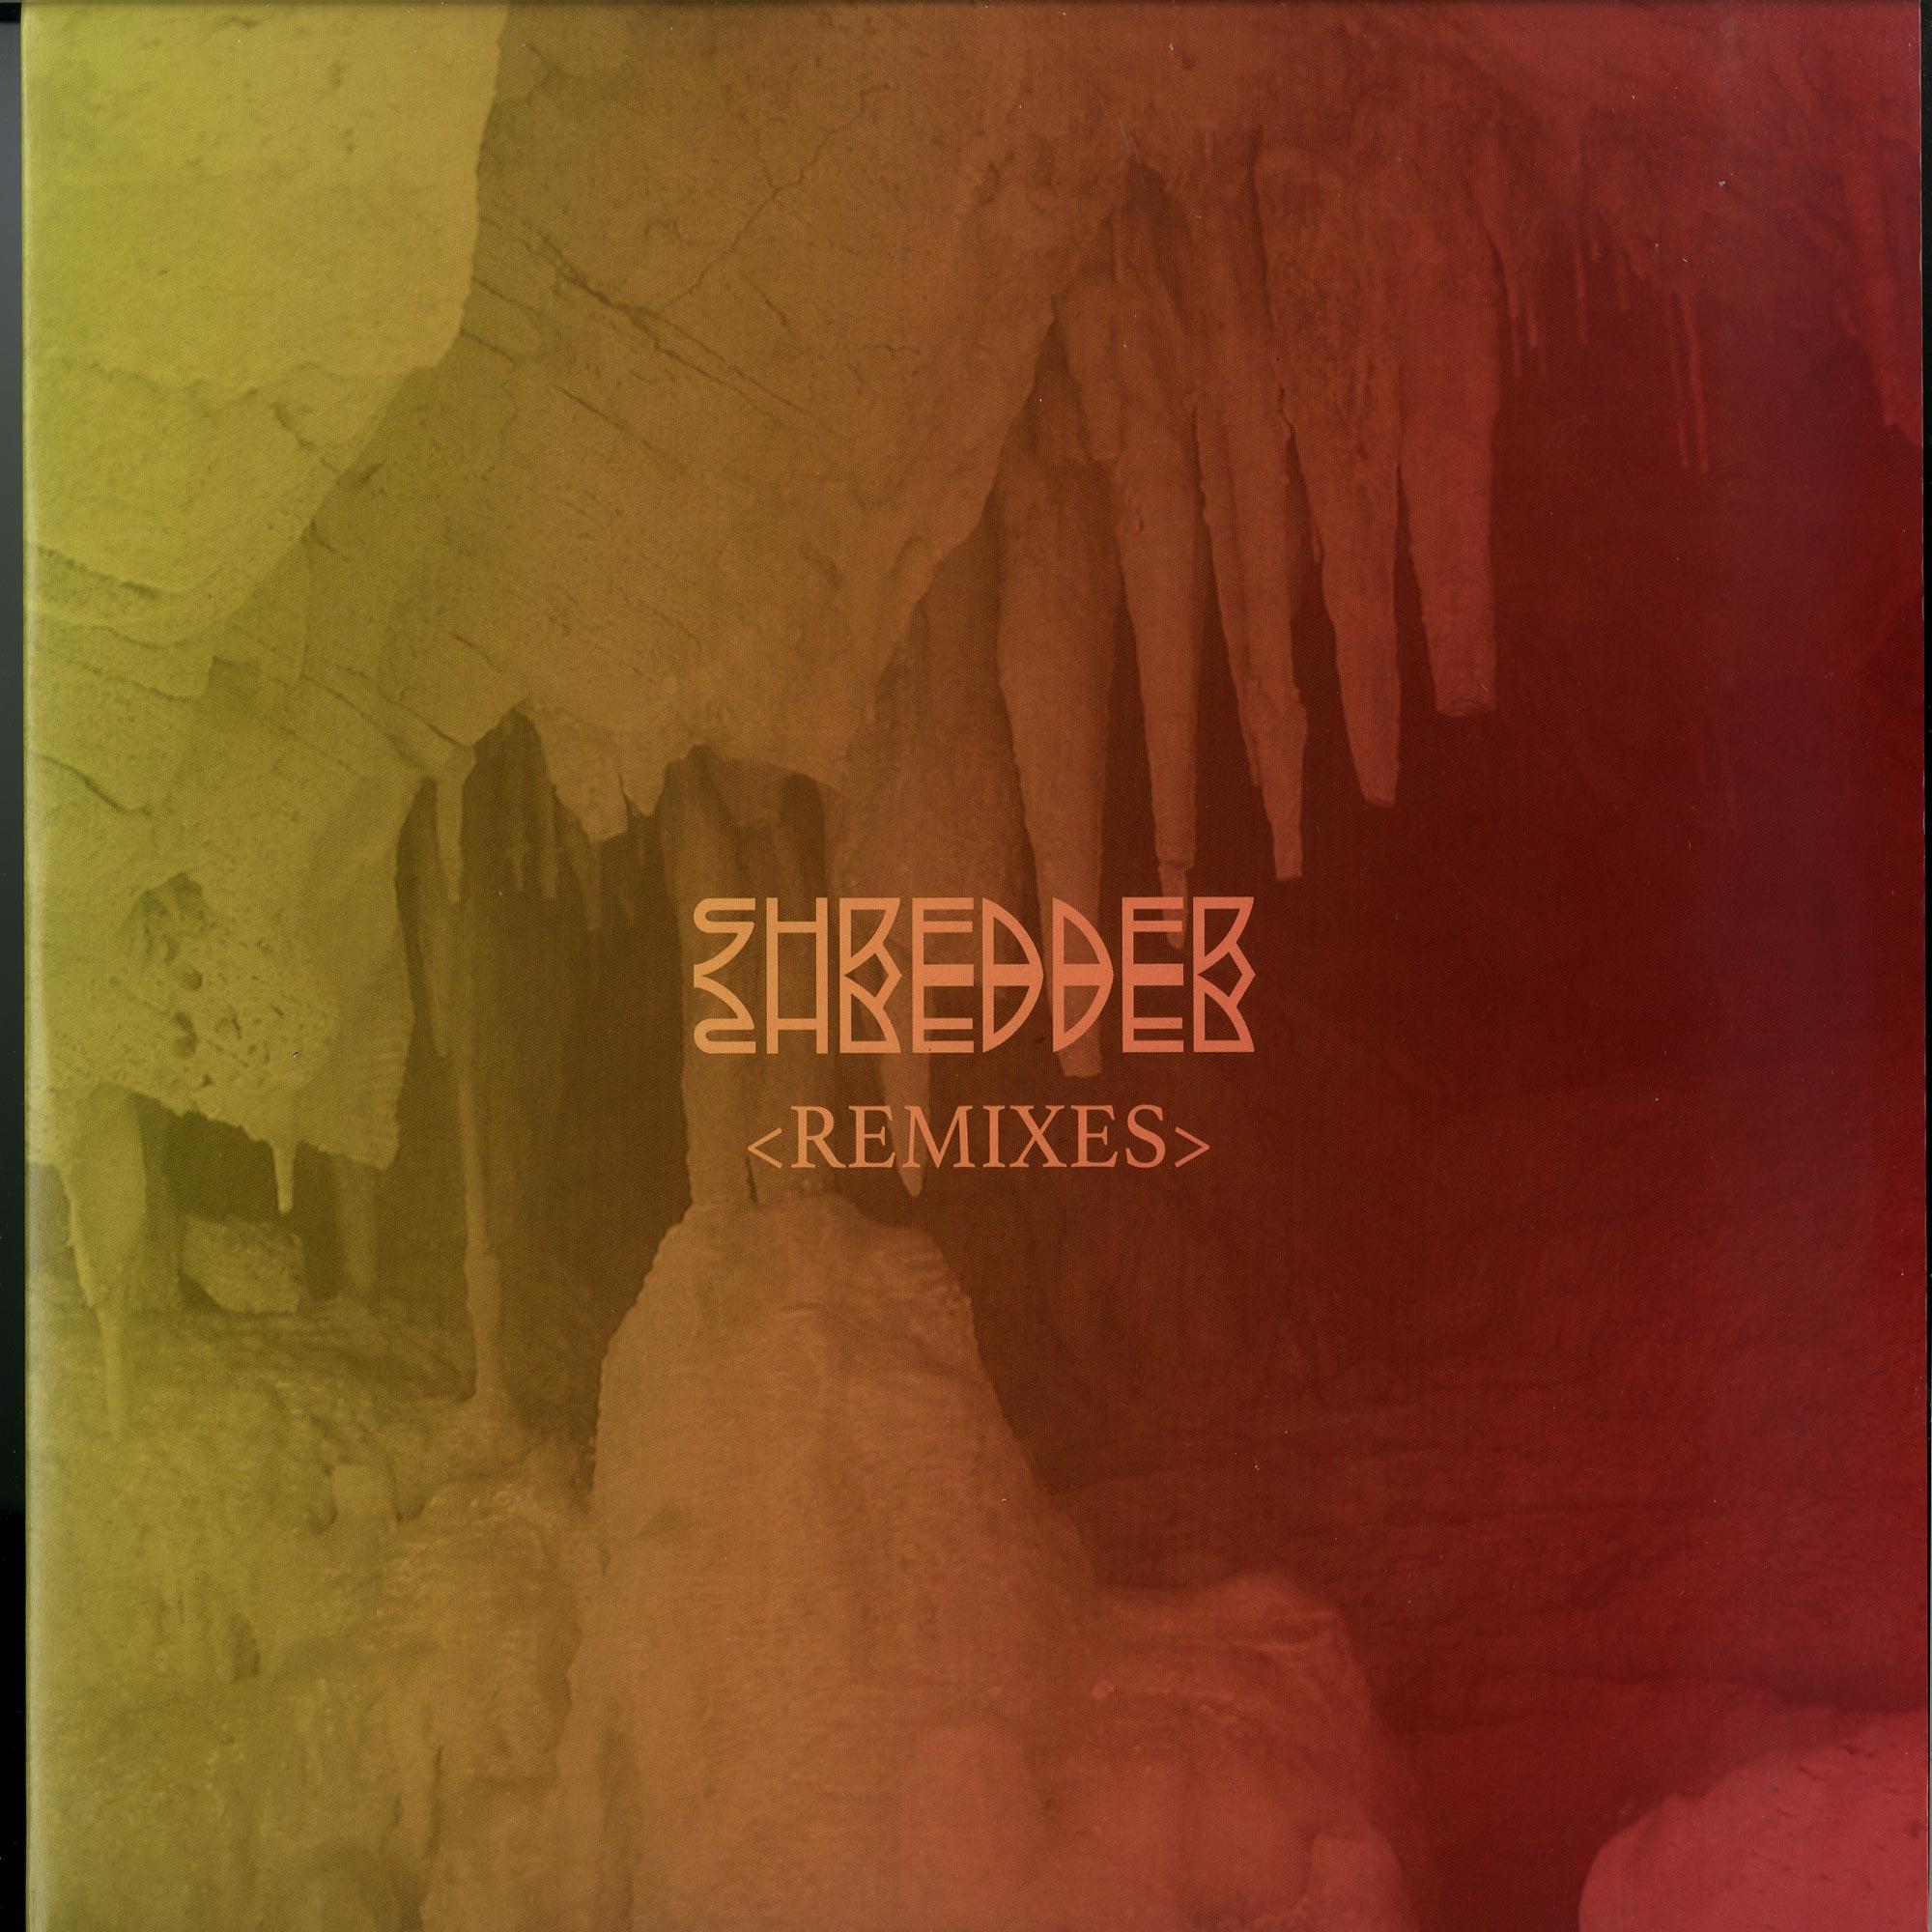 Shredder - SHREDDER REMIXES